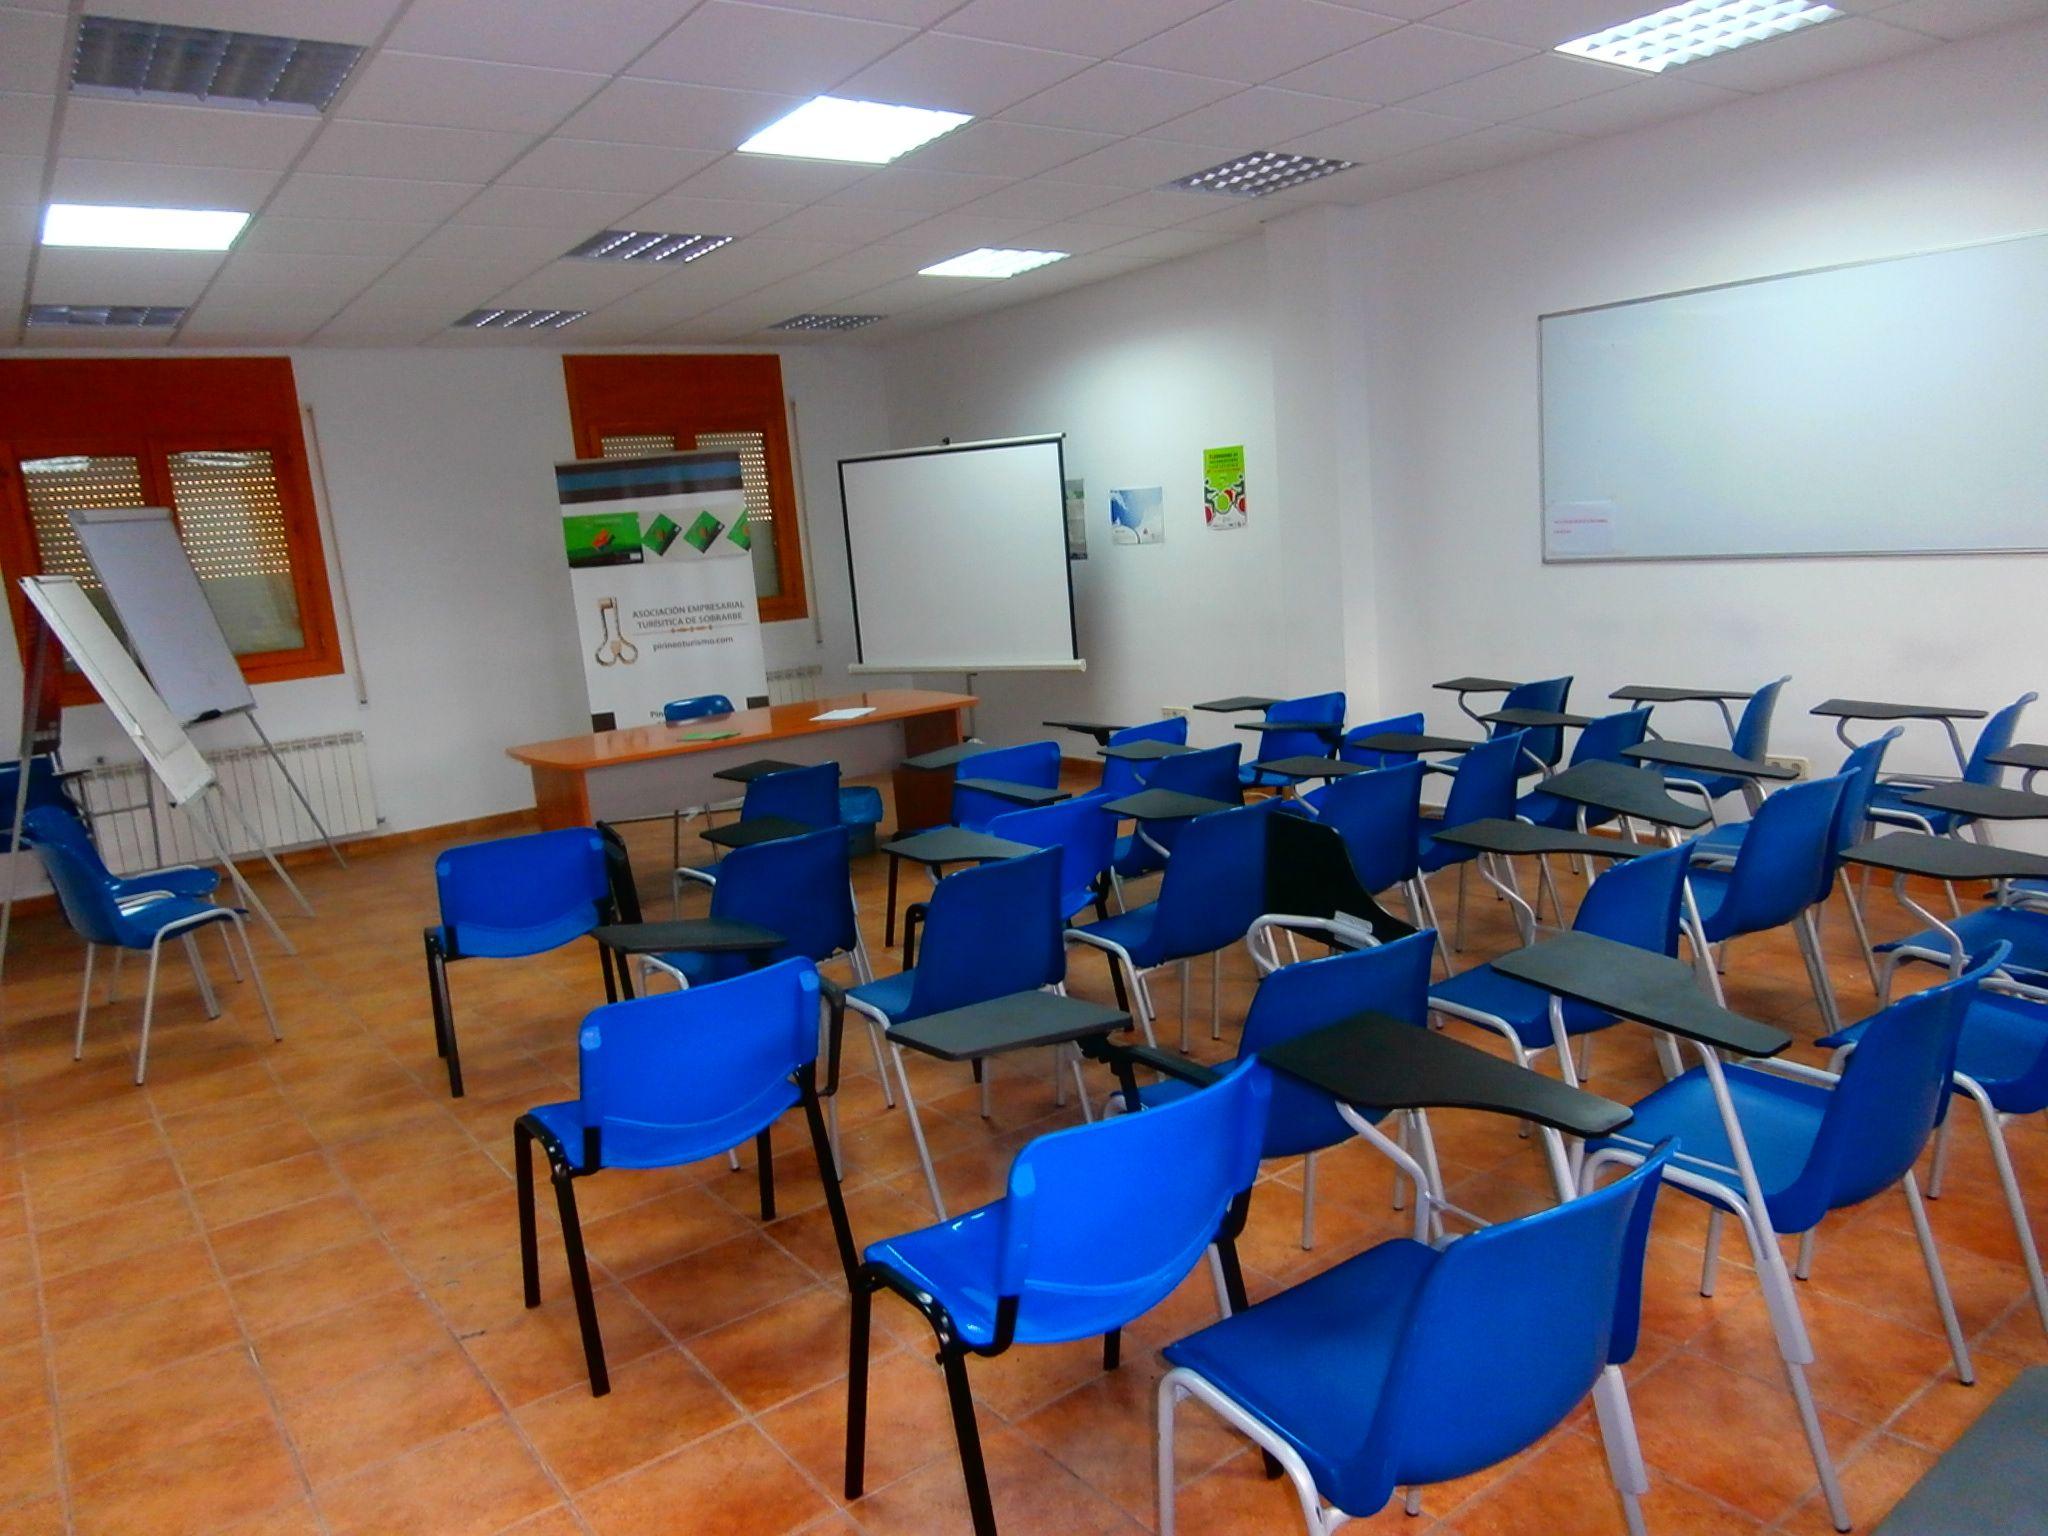 Una de las aulas de la AETS. Foto: SobrarbeDigital.